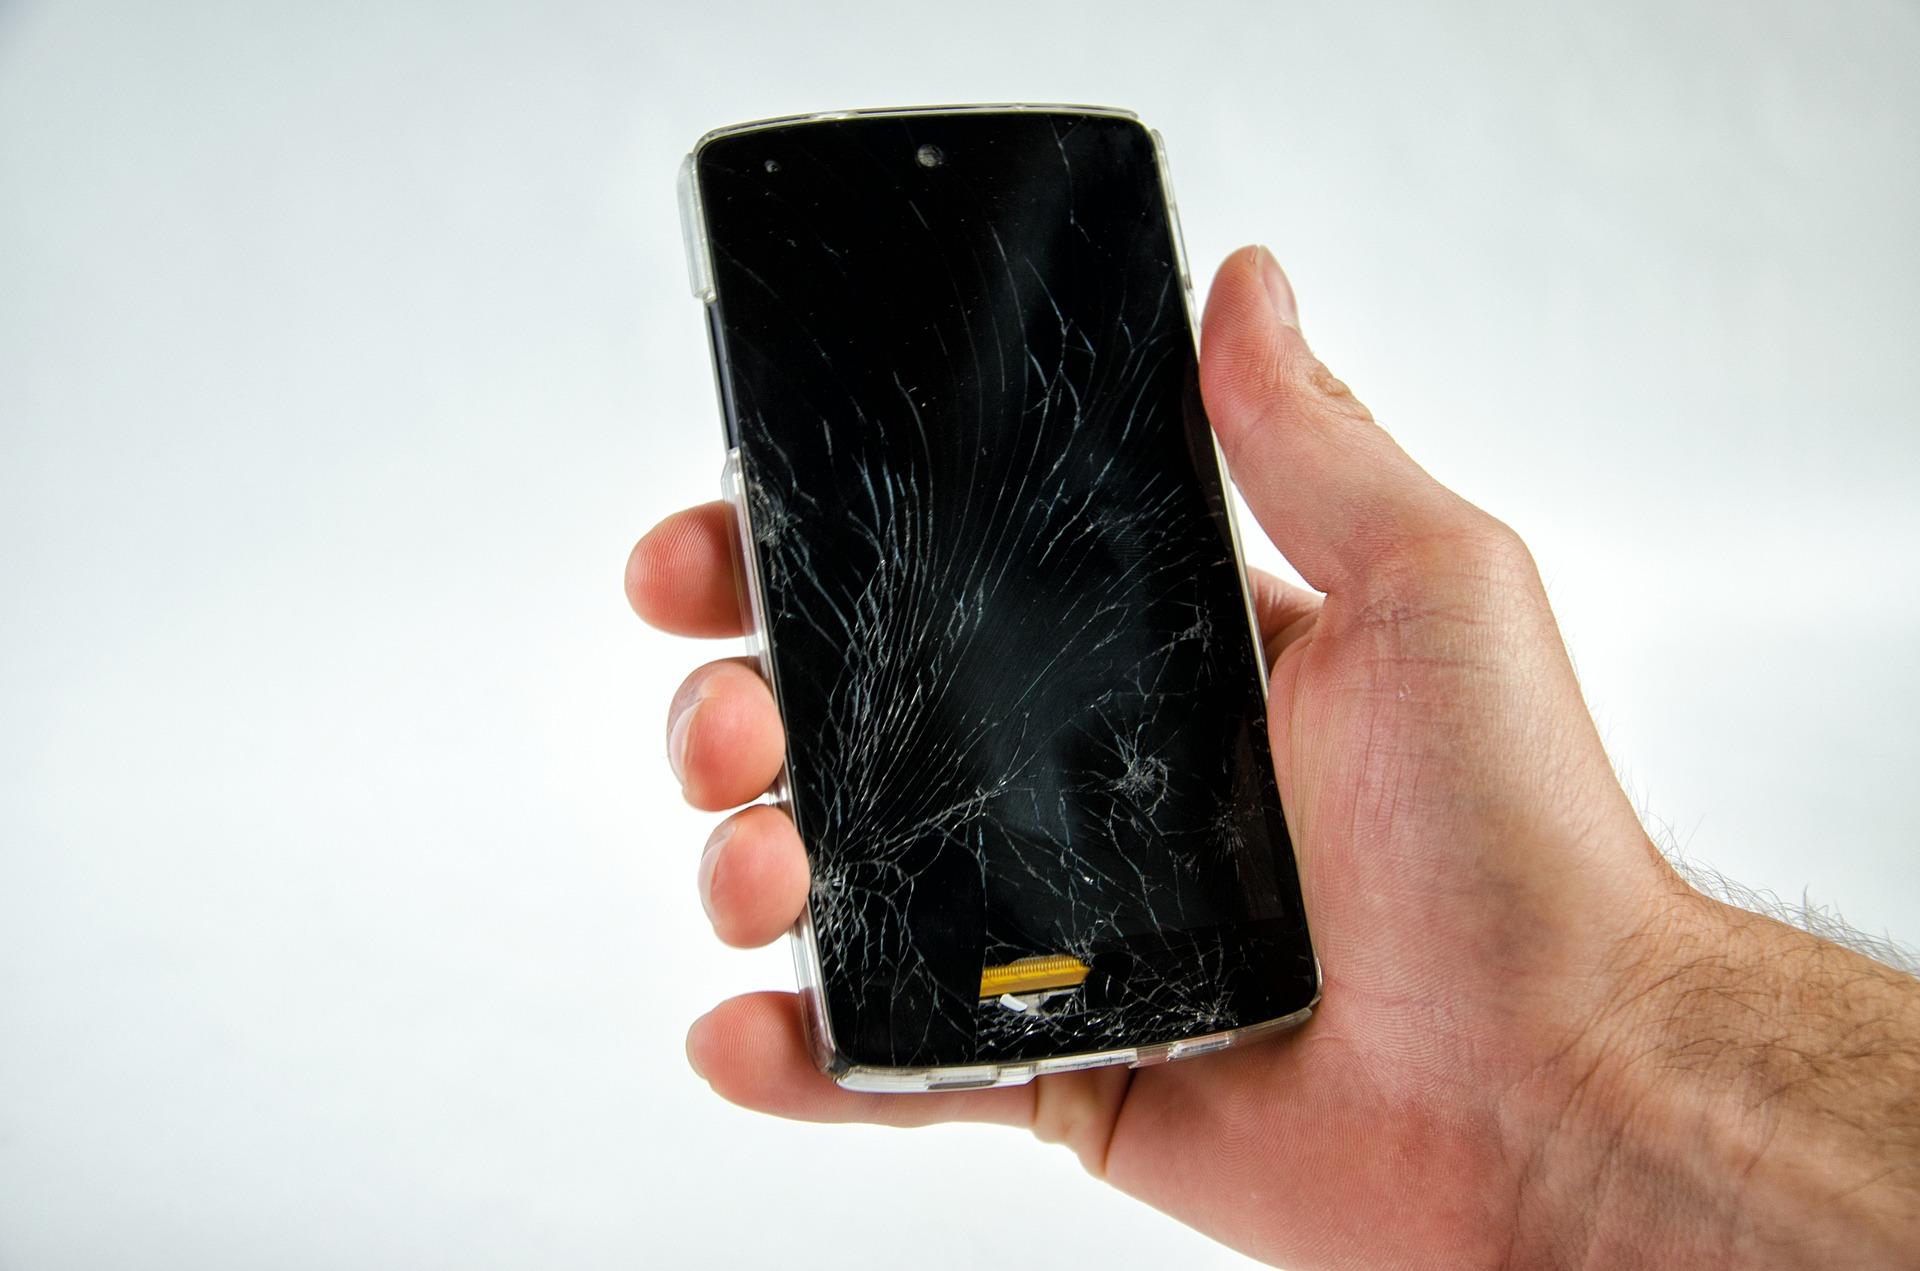 Imagem mostra uma pessoa segurando um celular com a tela quebrada.